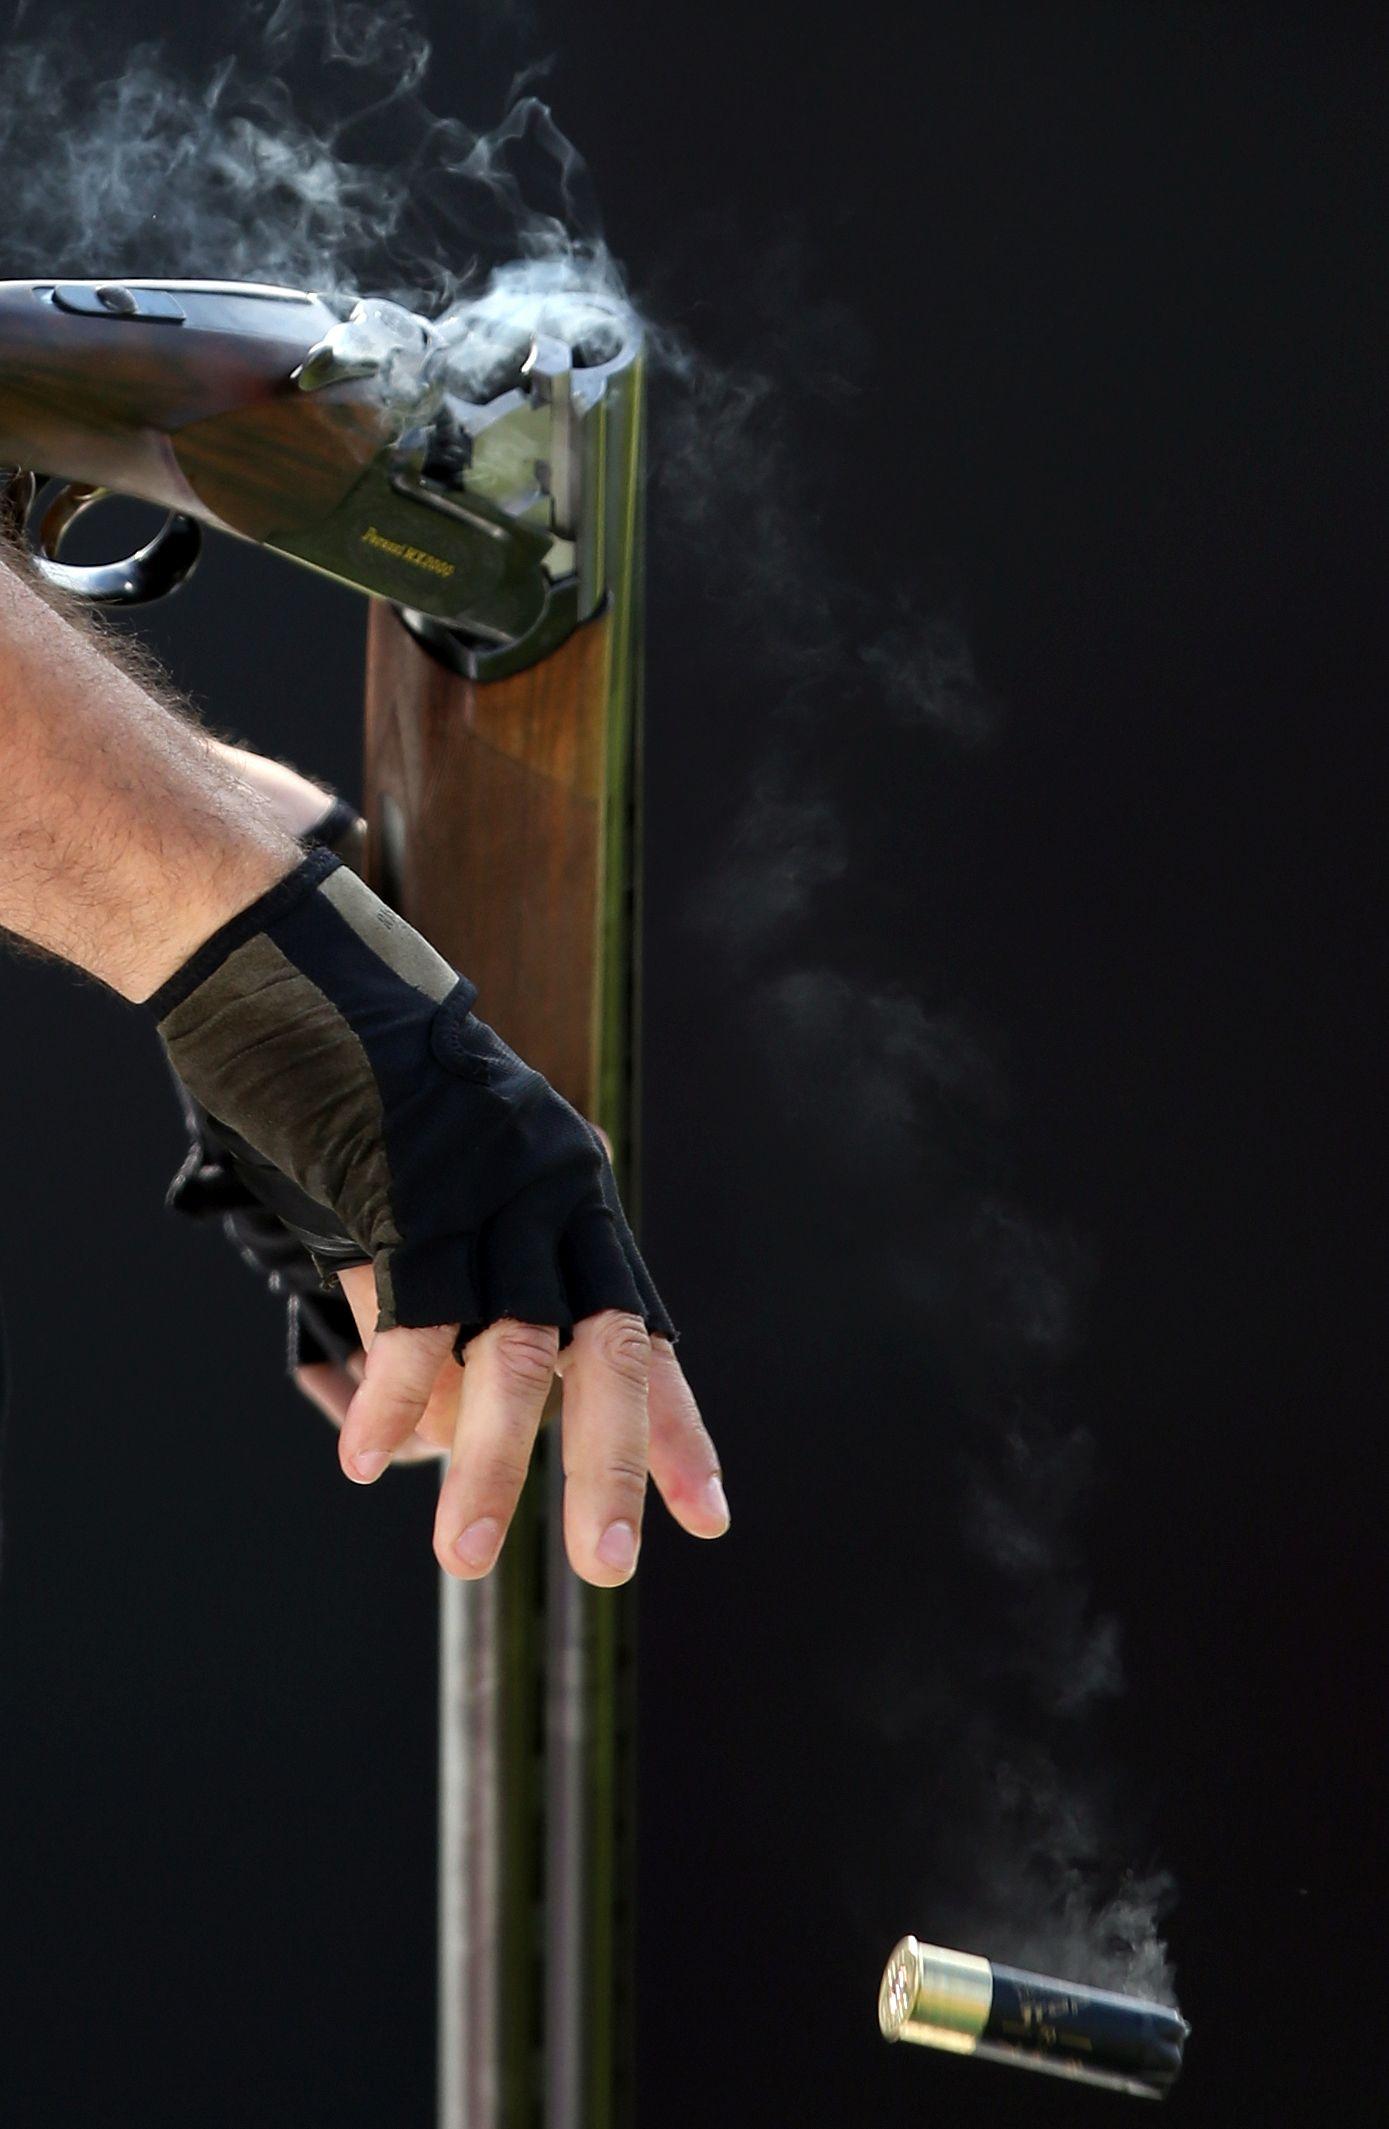 Mladić pucao po Ogulinu iz vatrenog oružja pa kazneno prijavljen